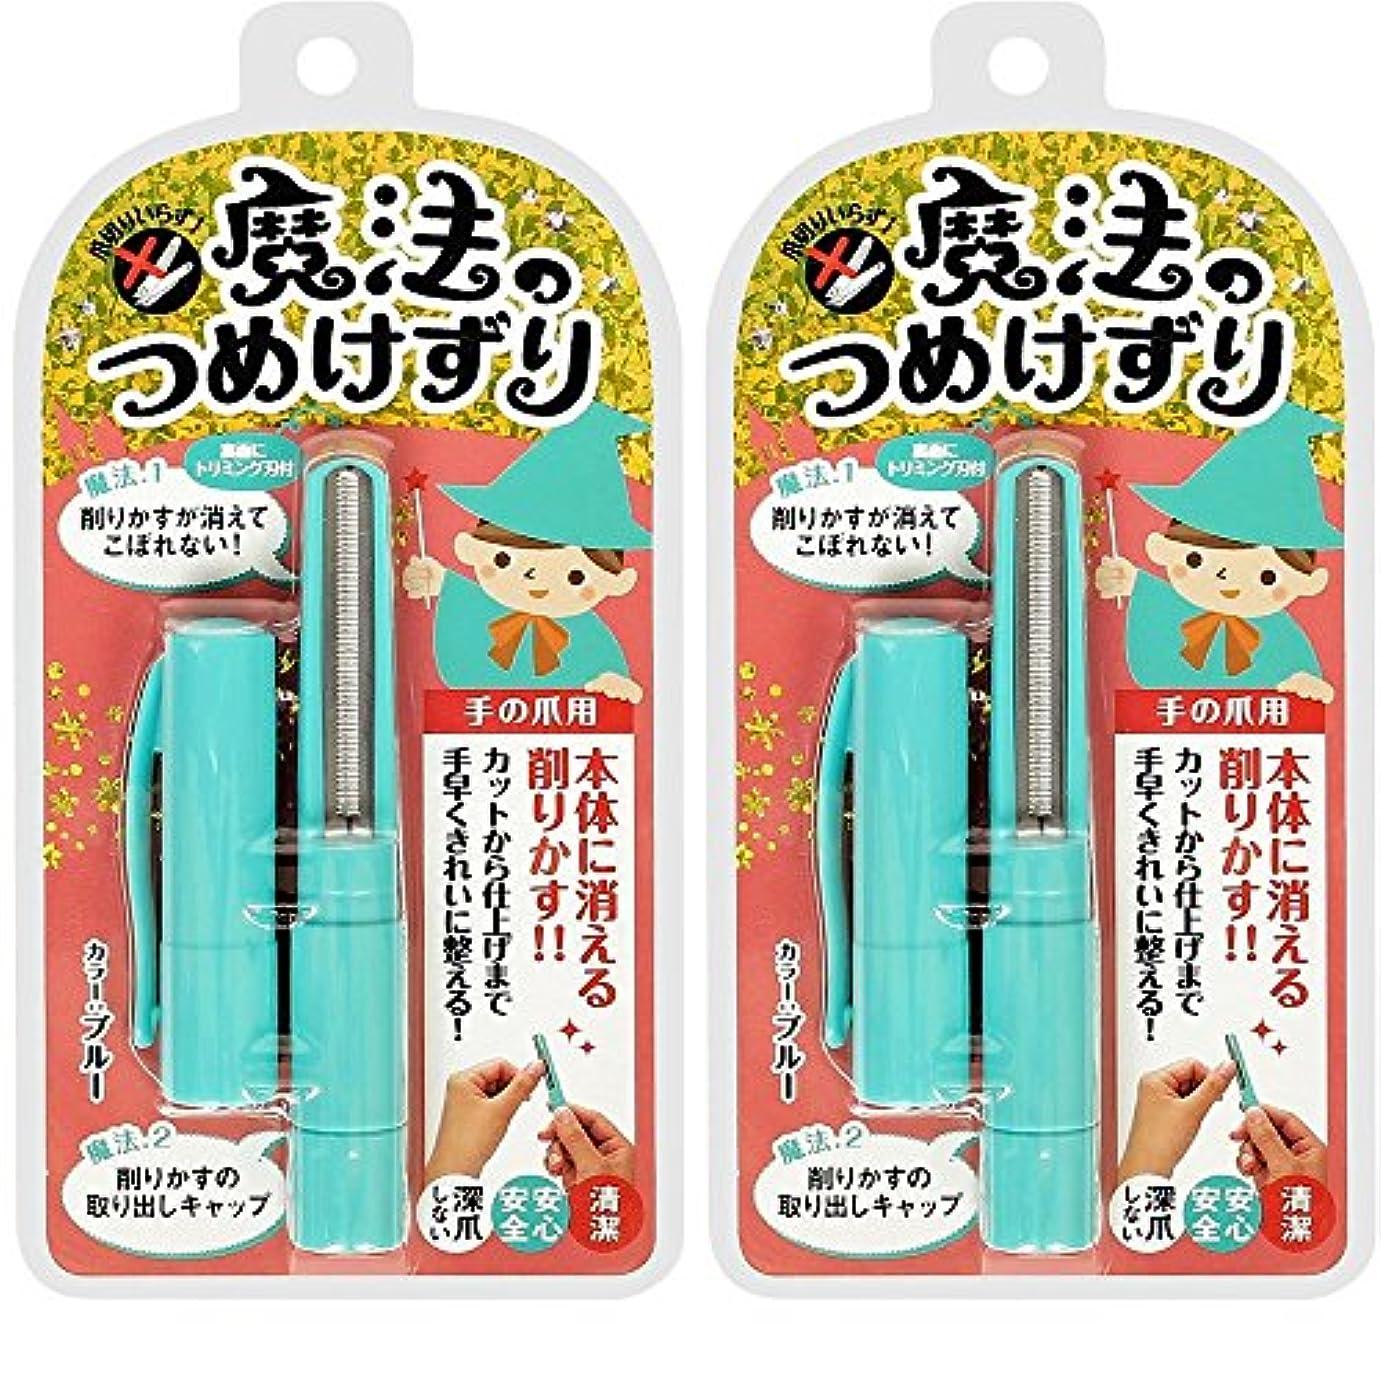 パイルやろう栄光【セット品】松本金型 魔法のつめけずり MM-091 ブルー 2個